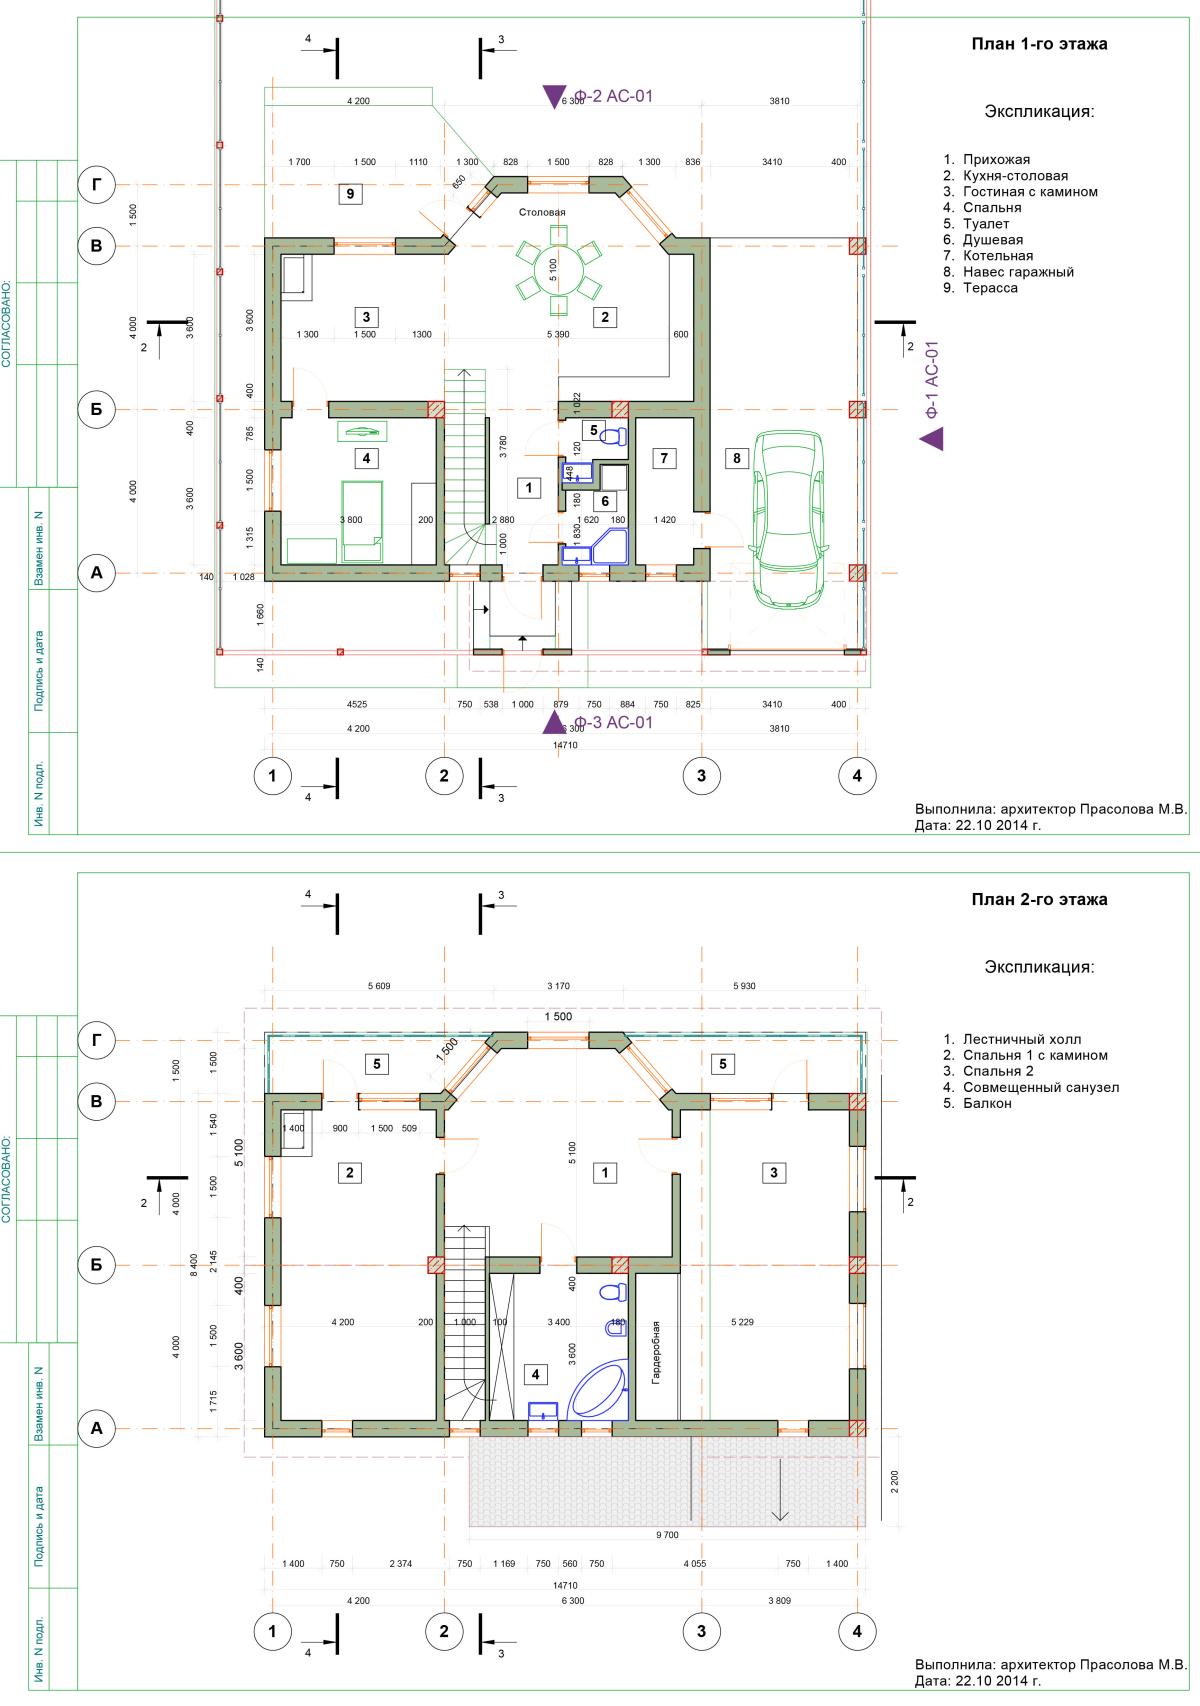 планы 1 и 2 этаж